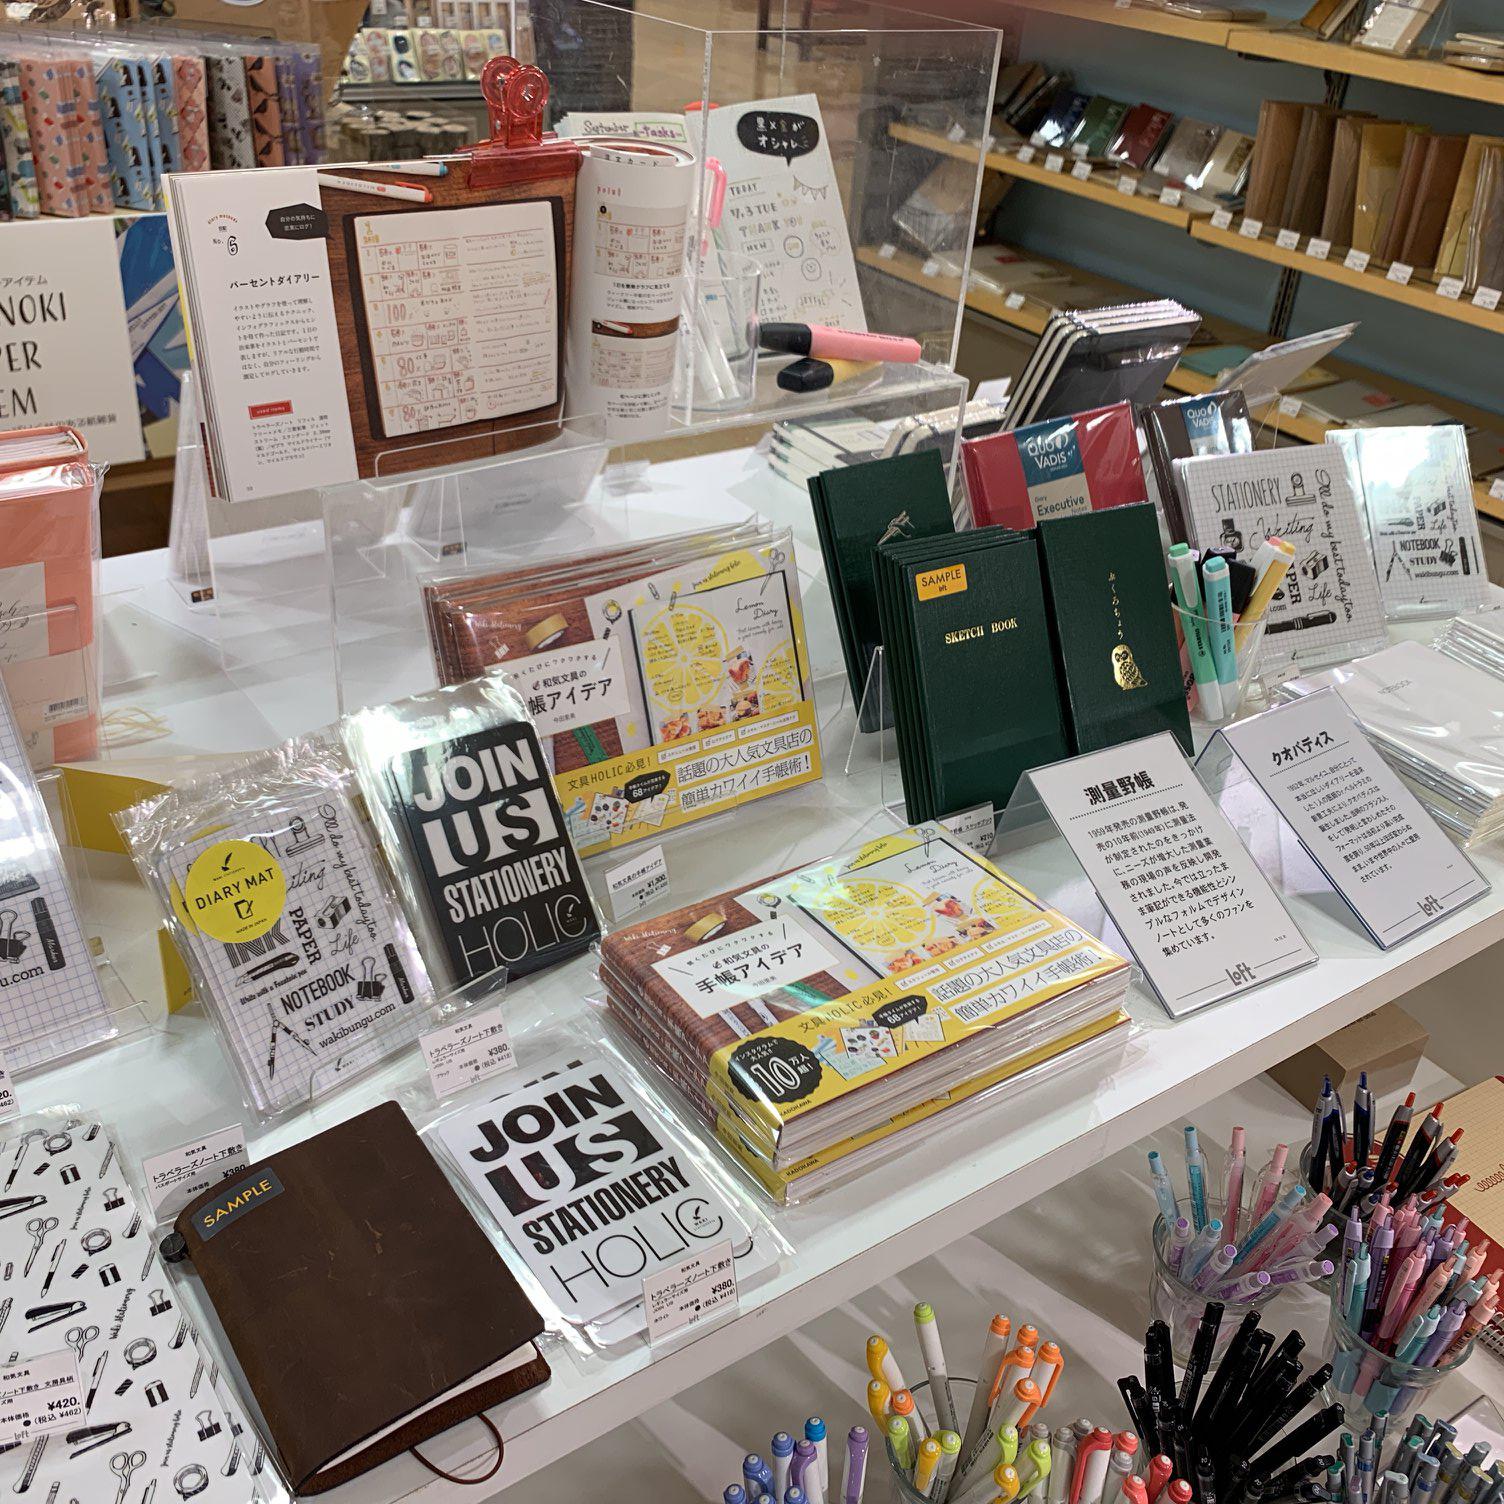 ロフトさまで和気文具のオリジナル商品を販売開始いたしました